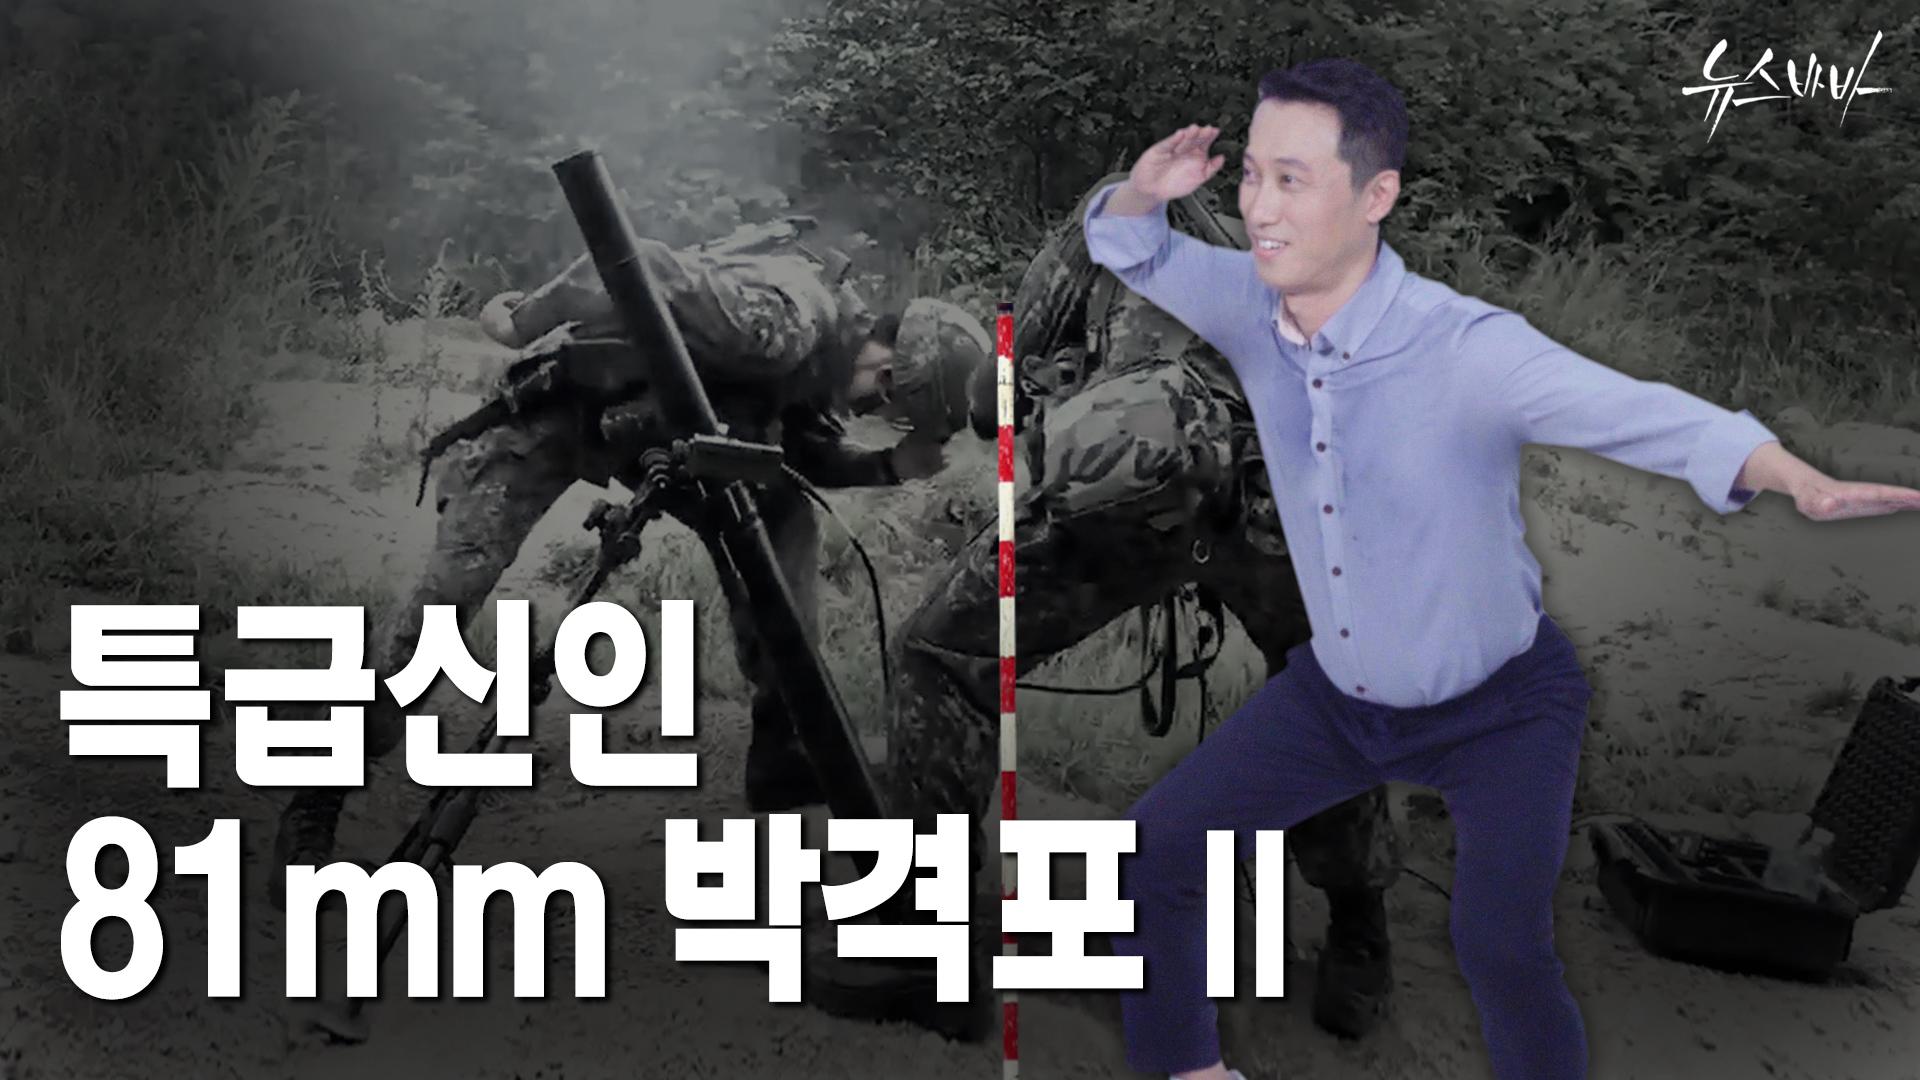 [뉴스바바]특급신인 81mm 박격포